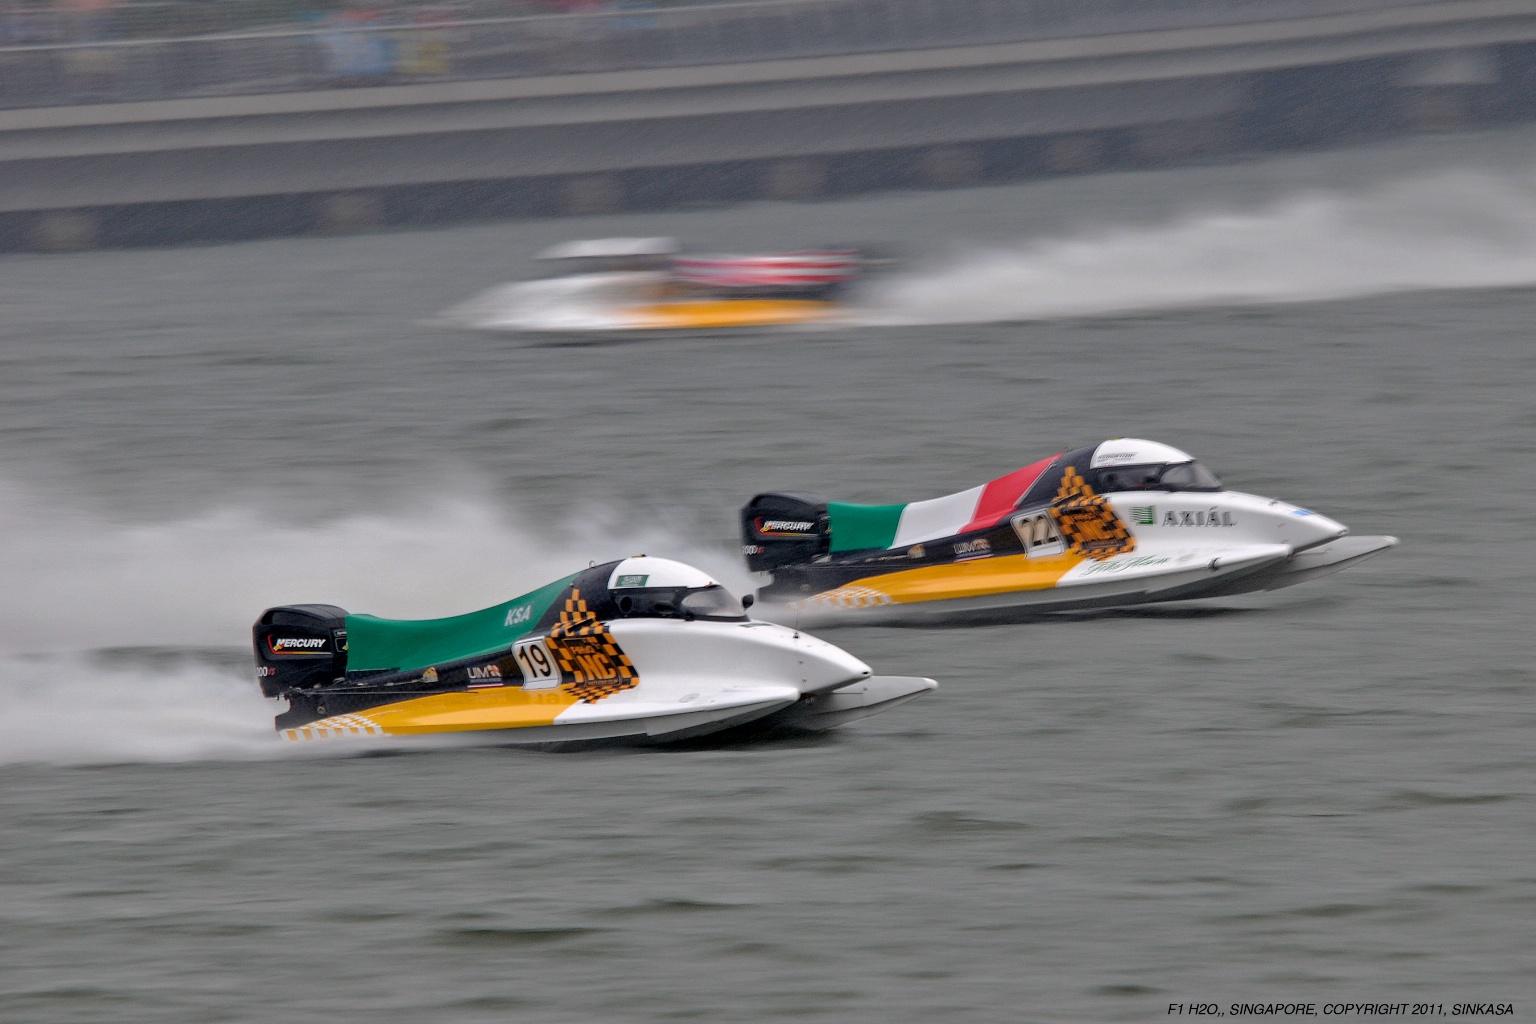 2017 F1 Powerboat World Championship  Wikipedia